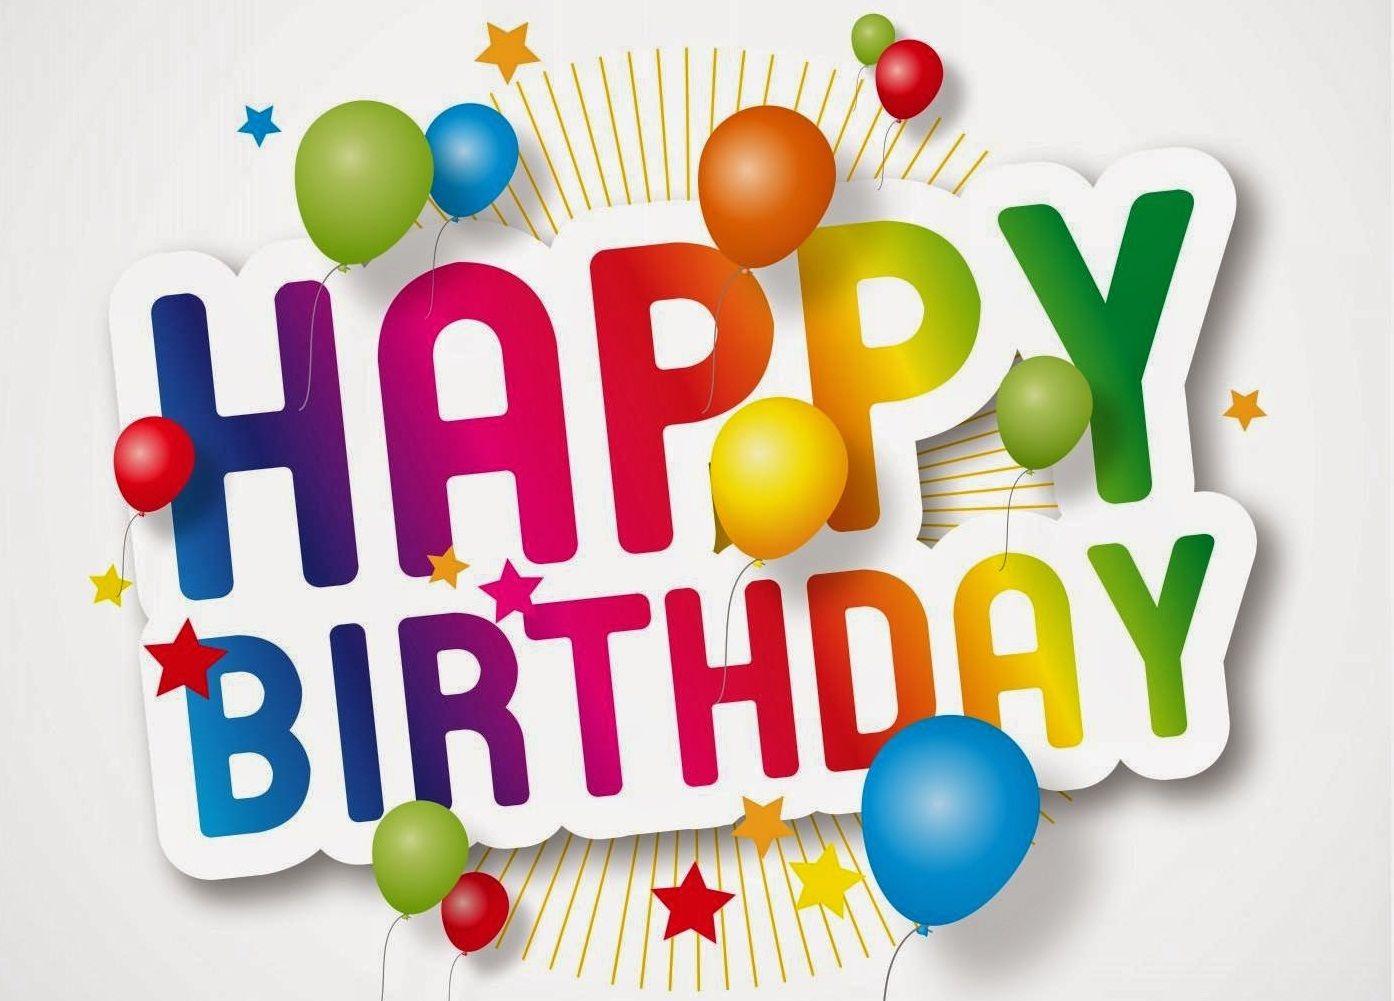 10 Ucapan Selamat Ulang Tahun Paling Menarik Ulang Tahun, Kartu